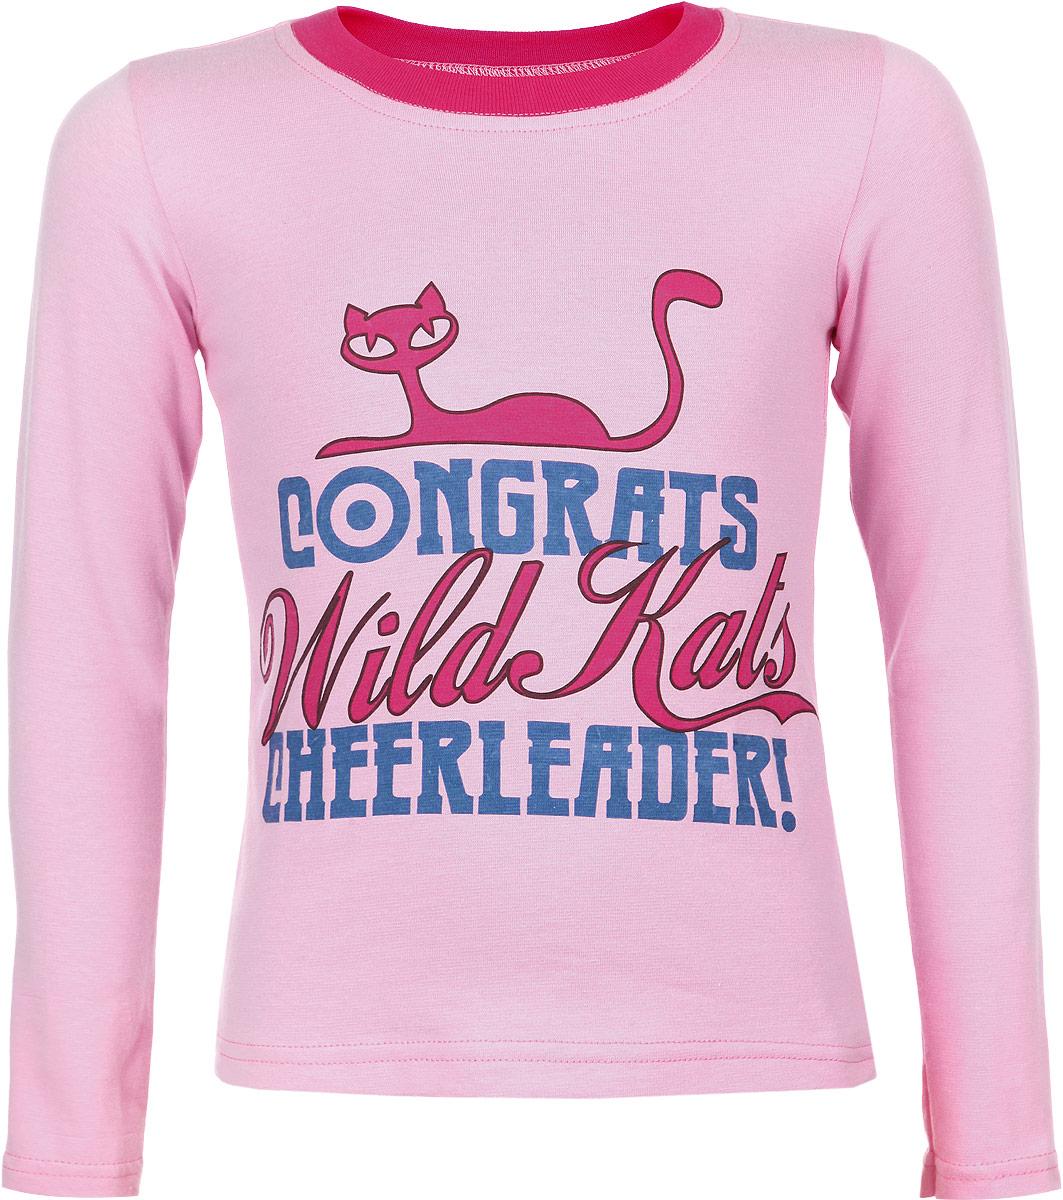 Лонгслив15709Стильная футболка с длинным рукавом для девочки КотМарКот Wild Kats идеально подойдет вашему ребенку. Изготовленная из натурального хлопка, она необычайно мягкая и приятная на ощупь, не сковывает движения и позволяет коже дышать, не раздражает даже самую нежную и чувствительную кожу ребенка, обеспечивая ему наибольший комфорт. Футболка с длинными рукавами и круглым вырезом горловины спереди оформлена принтом в виде надписей на английском языке, а также изображением кошки. Вырез горловины дополнен трикотажной резинкой. Современный дизайн и расцветка делают эту футболку модным, и стильным предметом детского гардероба. В ней ваша маленькая принцесса всегда будет в центре внимания!